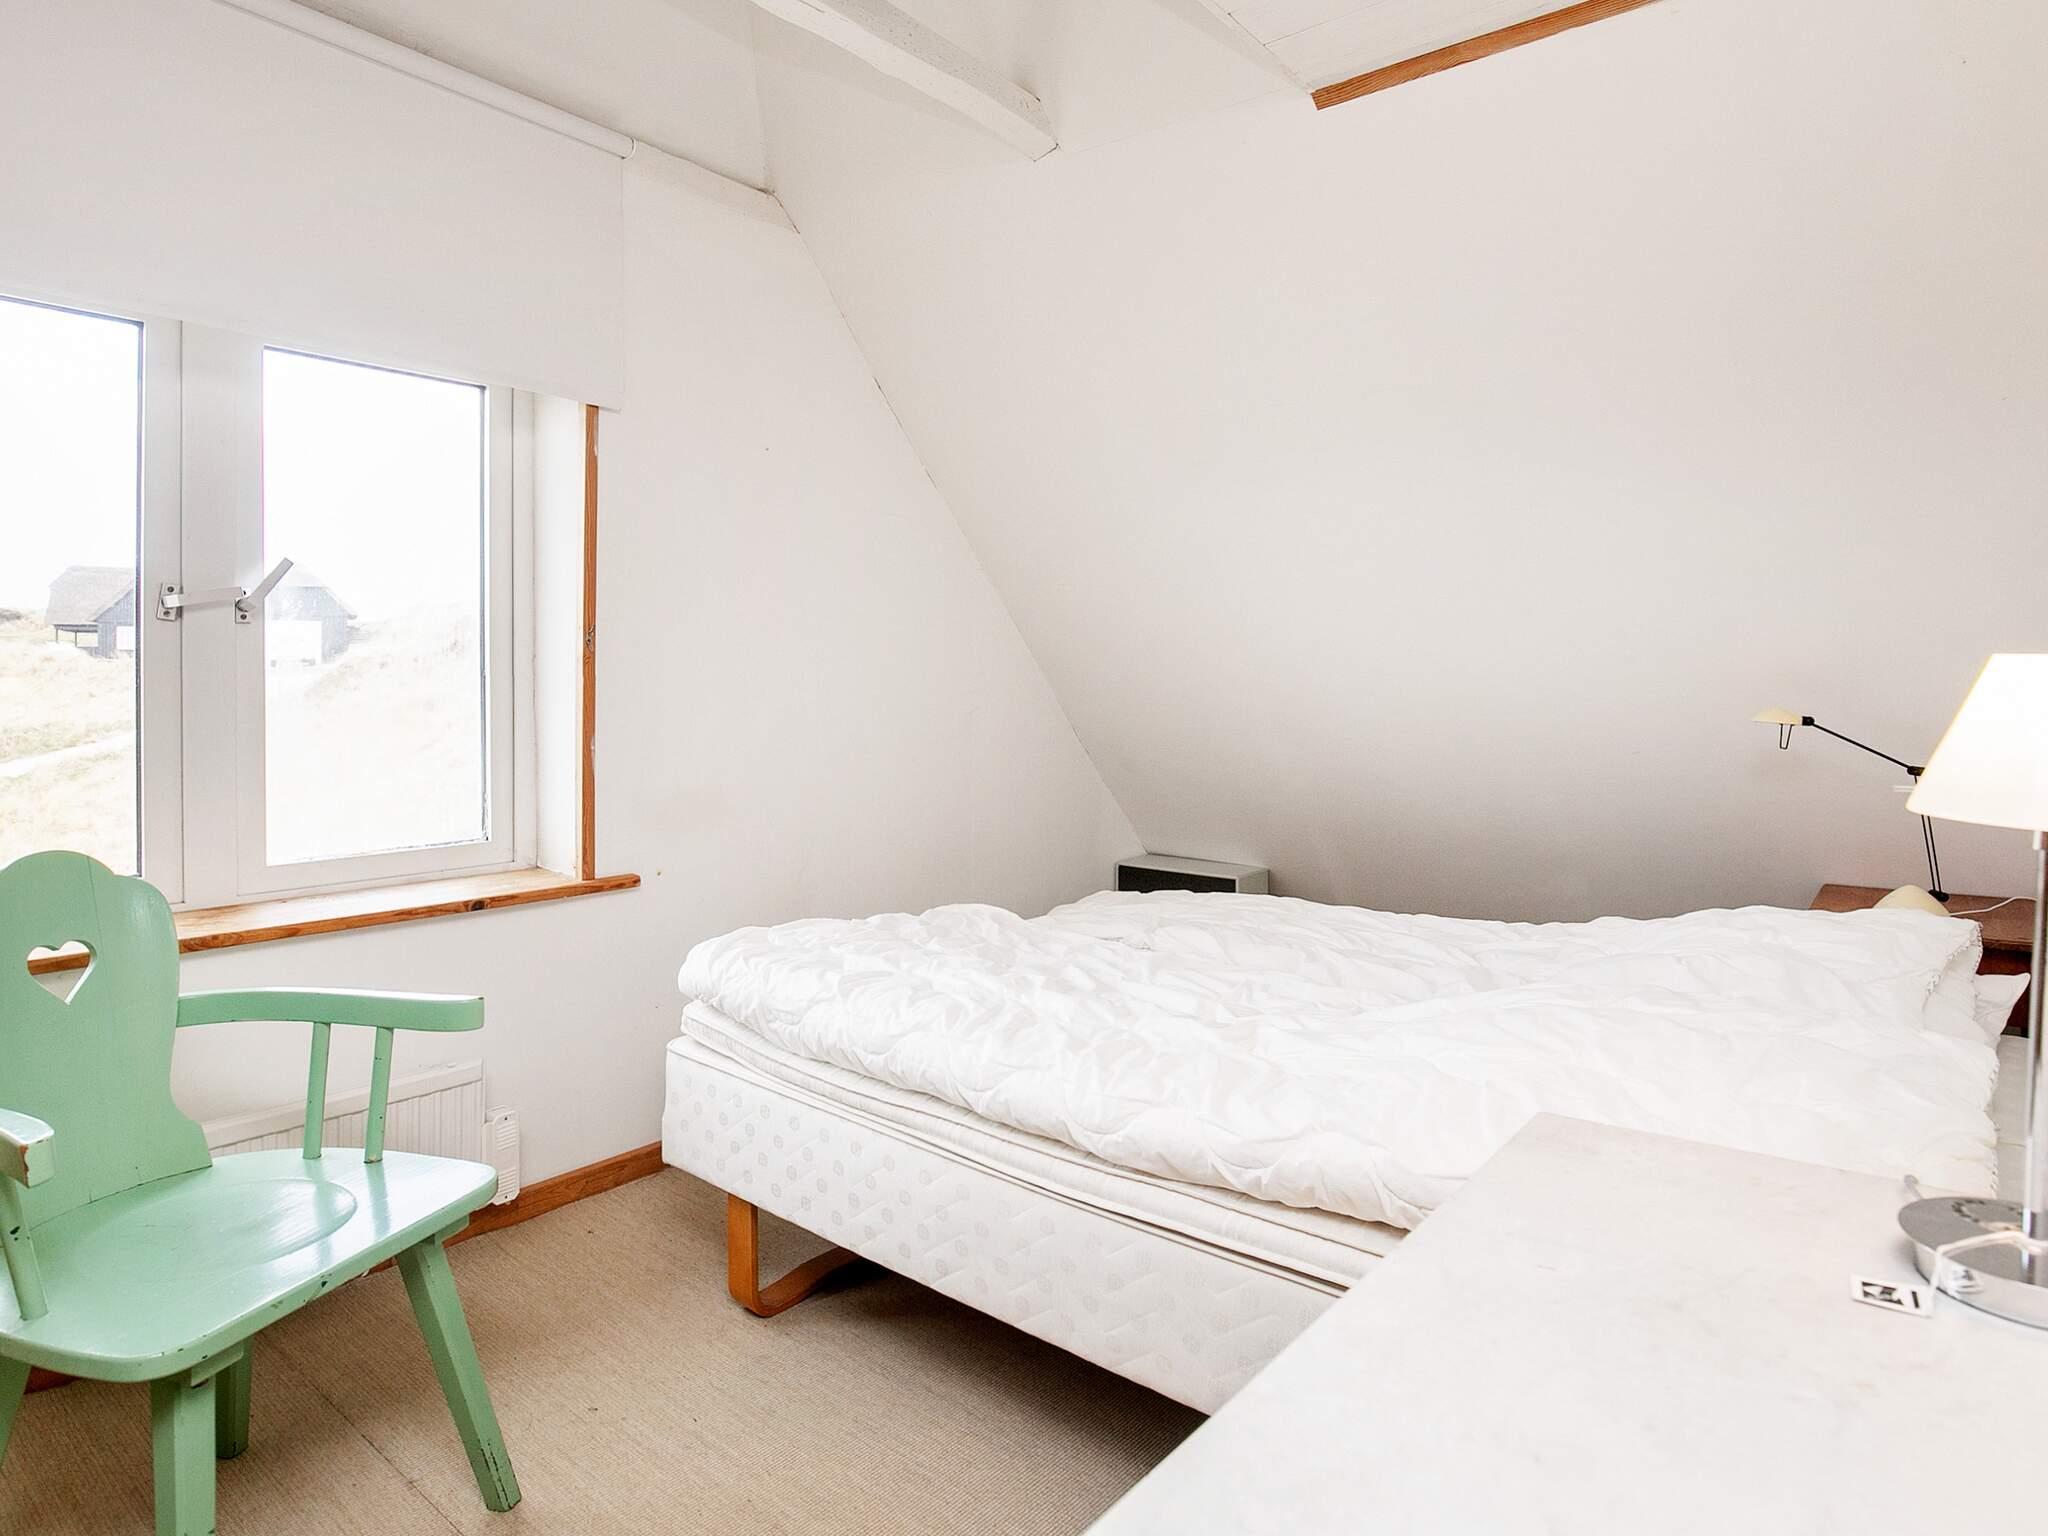 Ferienhaus Rødhus (1085240), Rødhus Klit, , Nordwestjütland, Dänemark, Bild 13